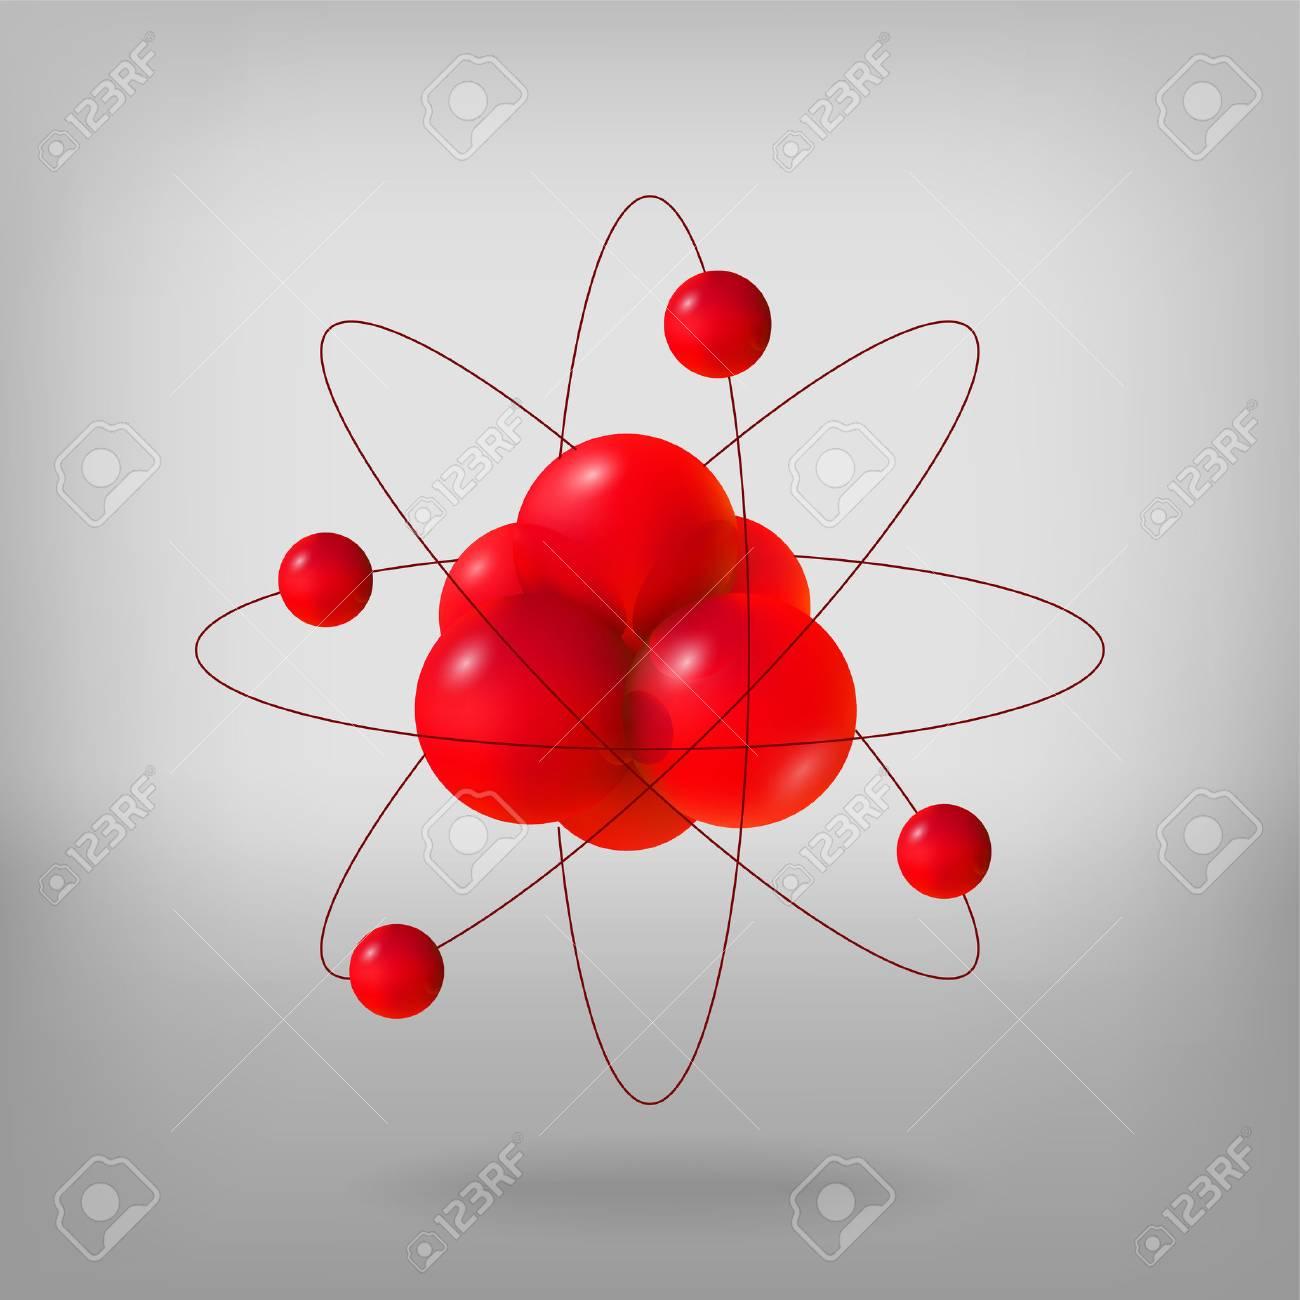 Moléculas Abstractas átomos 3d Vector Illustration Protones Neutrones Y Electrones Concepto De Ciencia Energía Nuclear